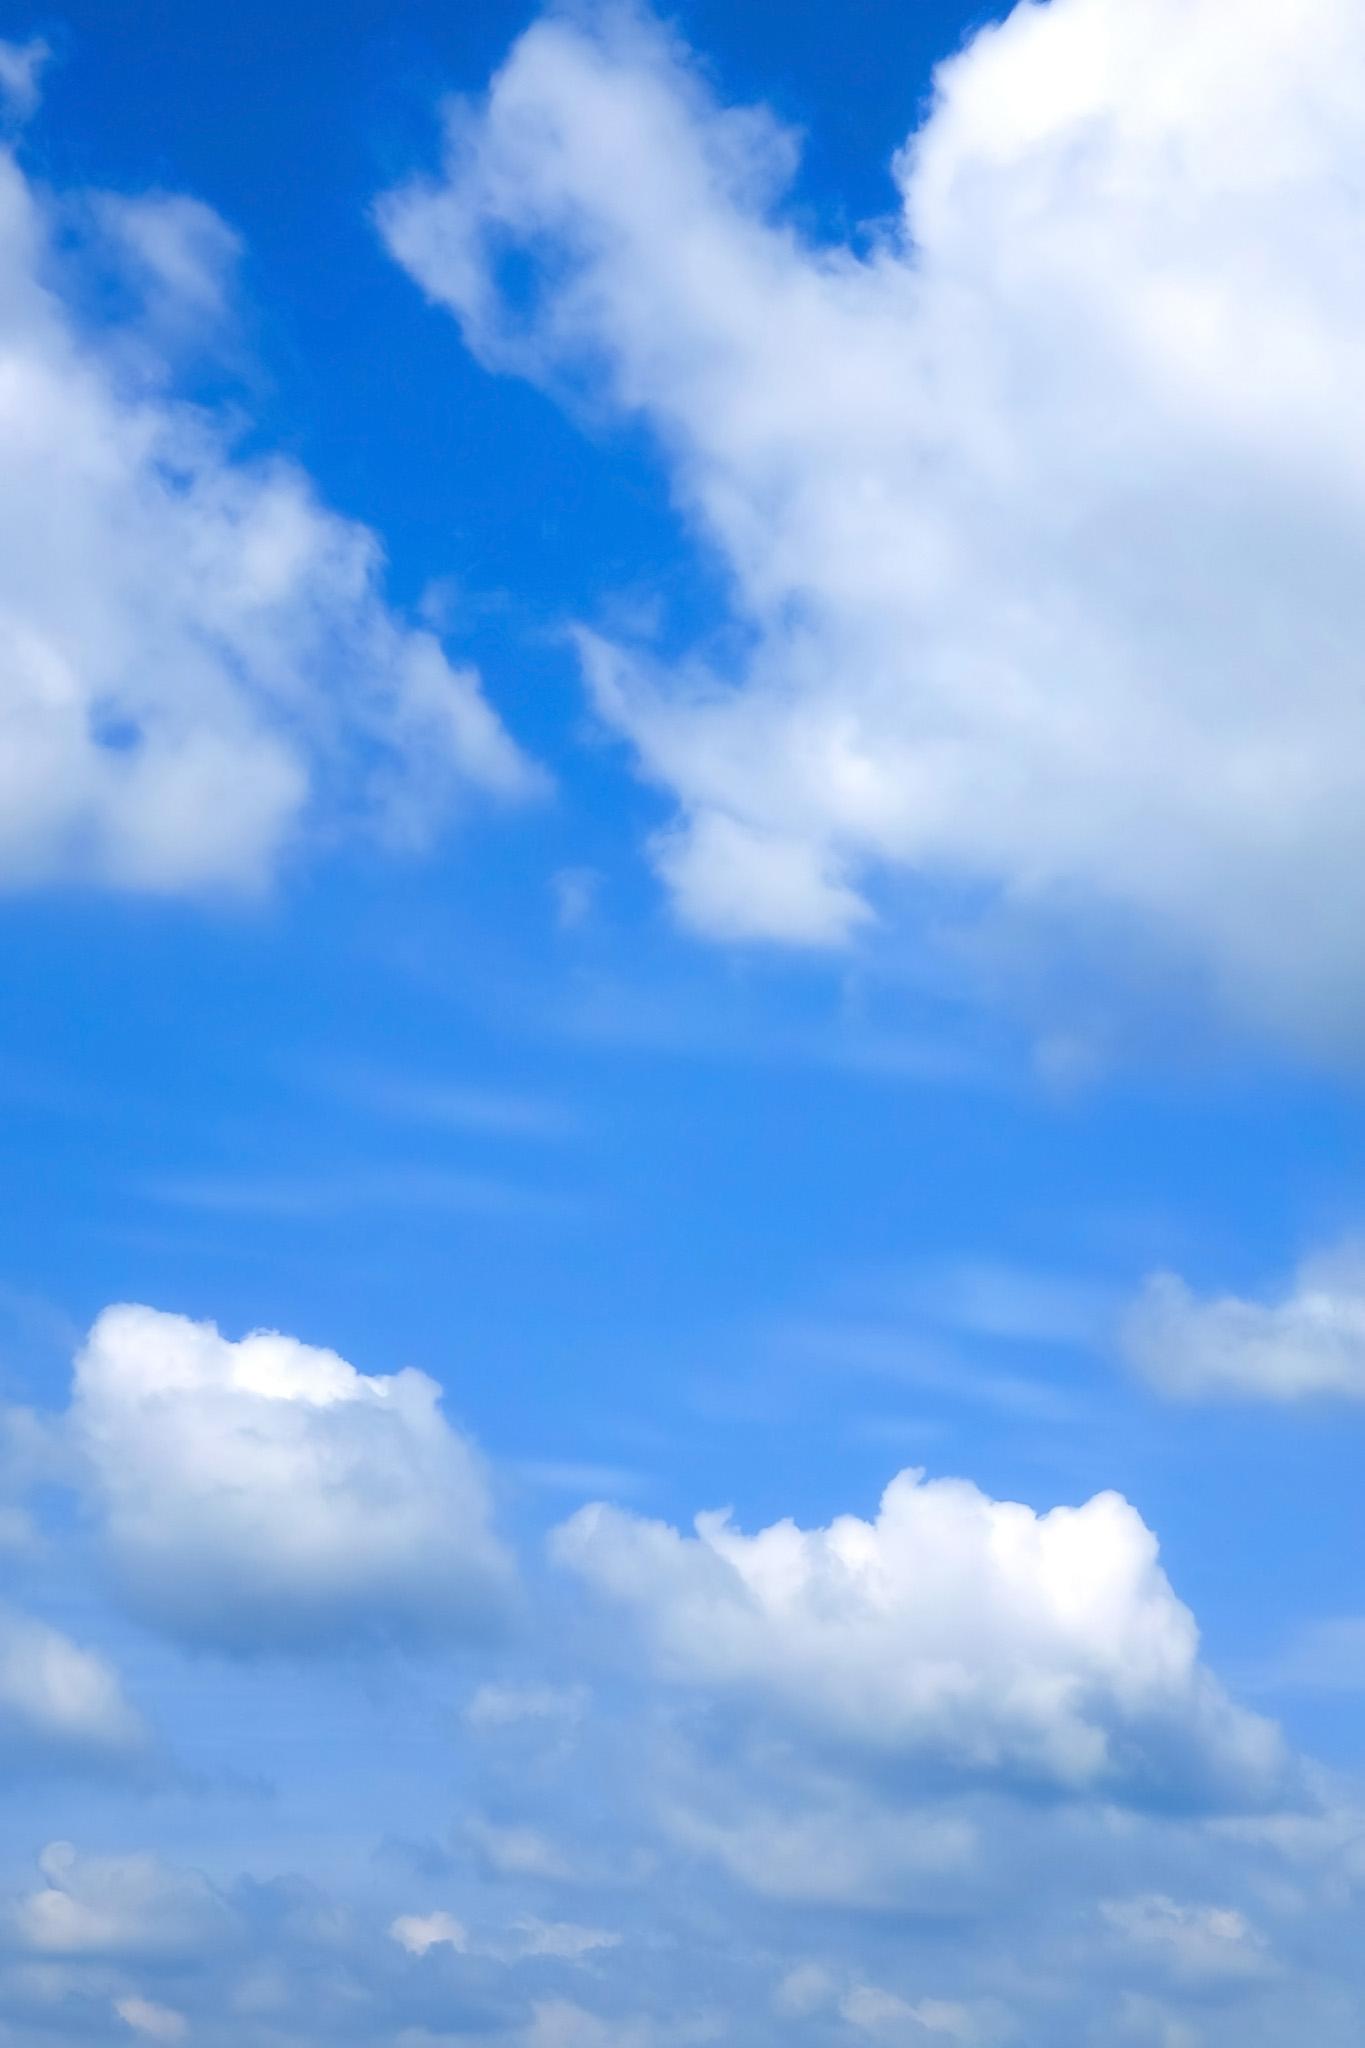 「青空が見える群雲の隙間」の画像を無料ダウンロード